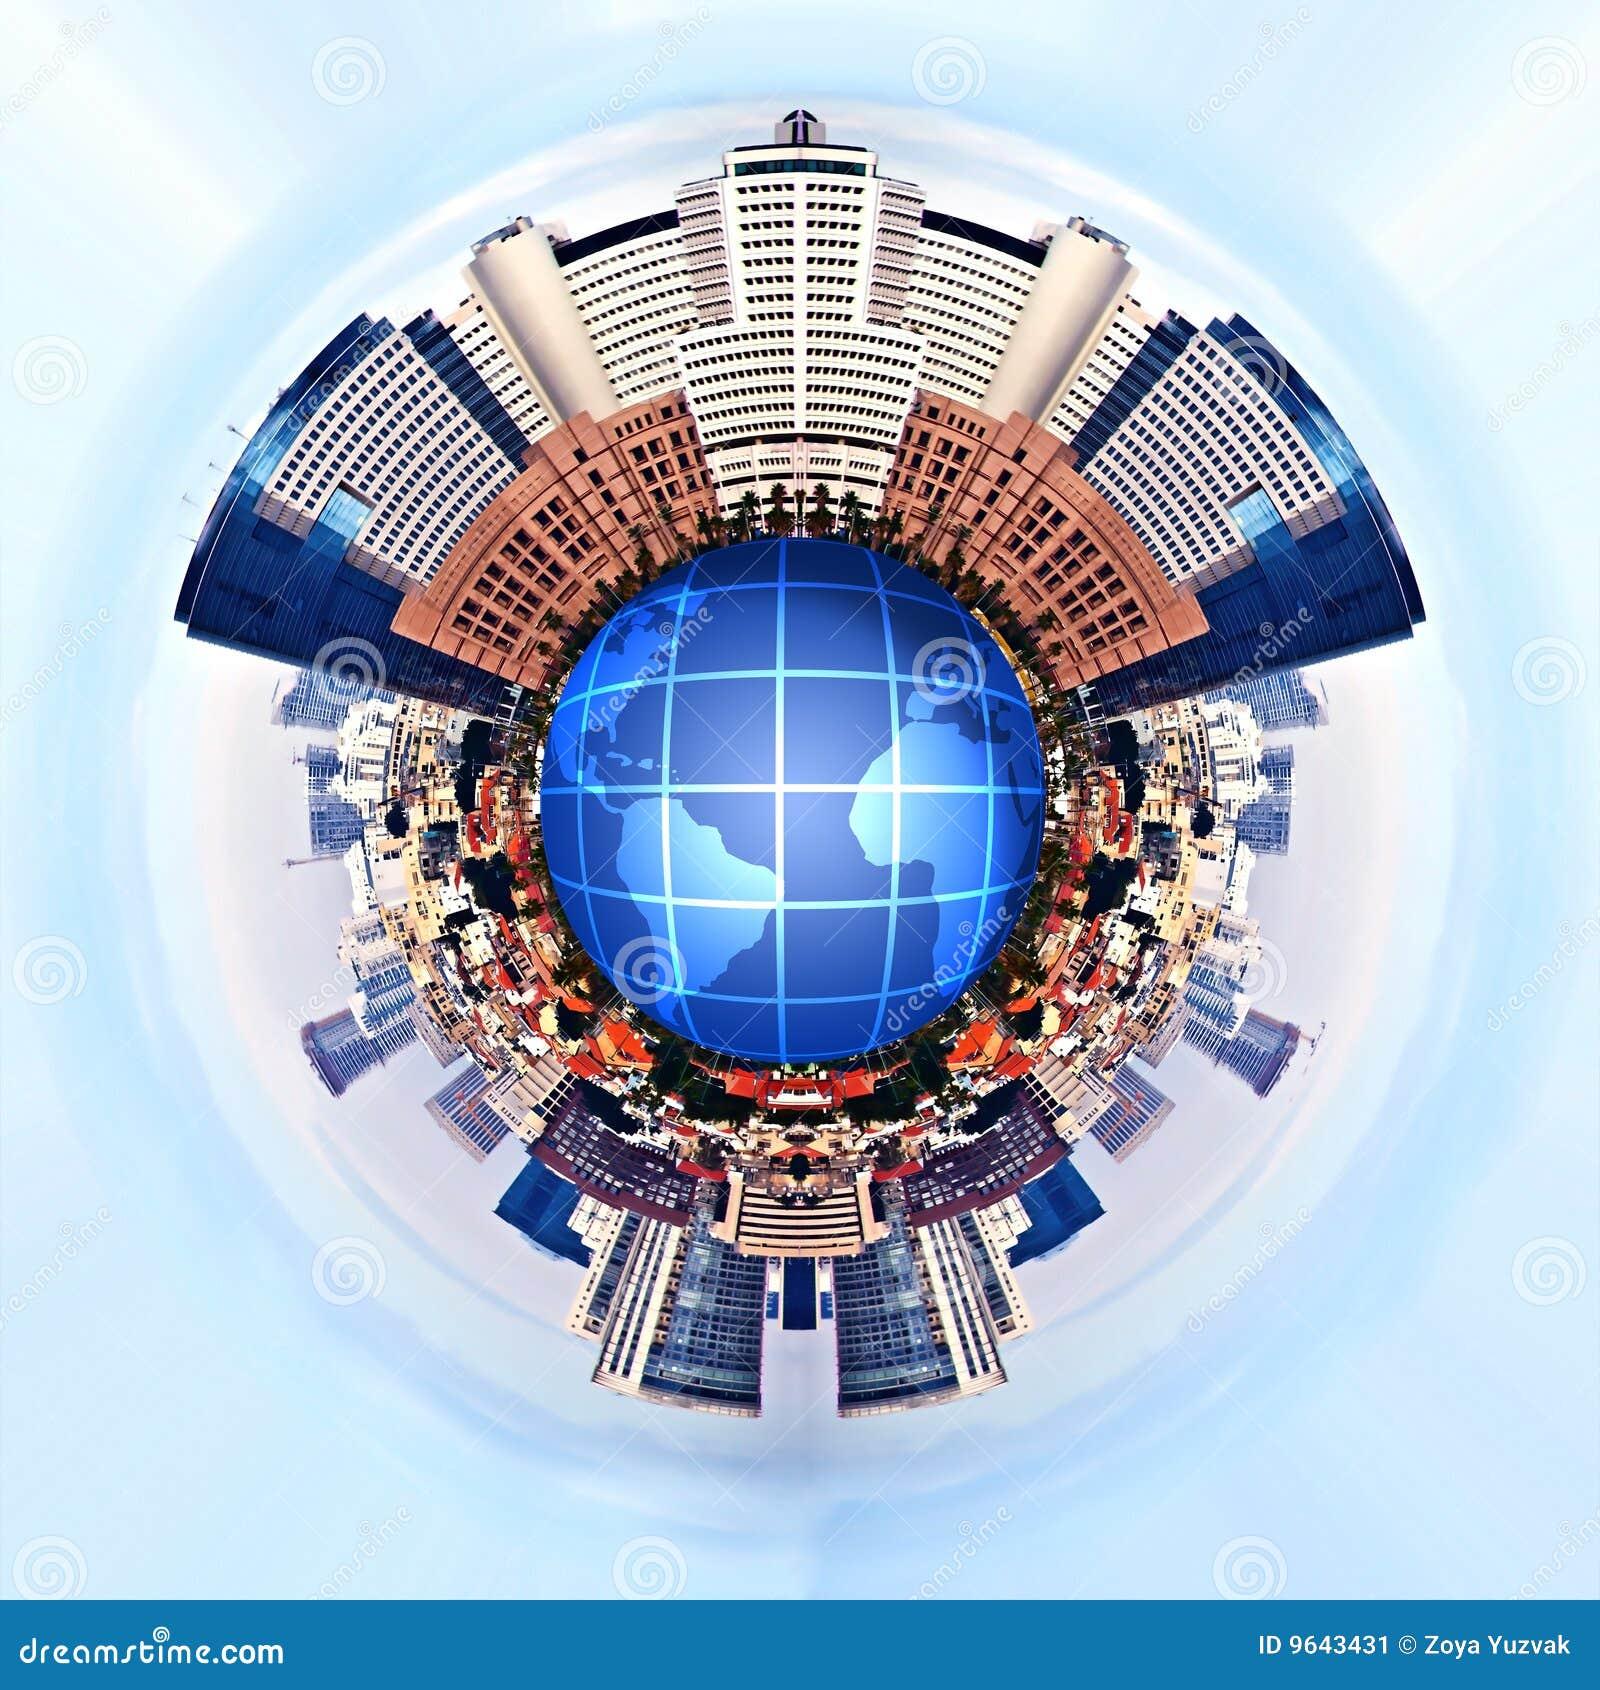 urbanization clipart images urbanization